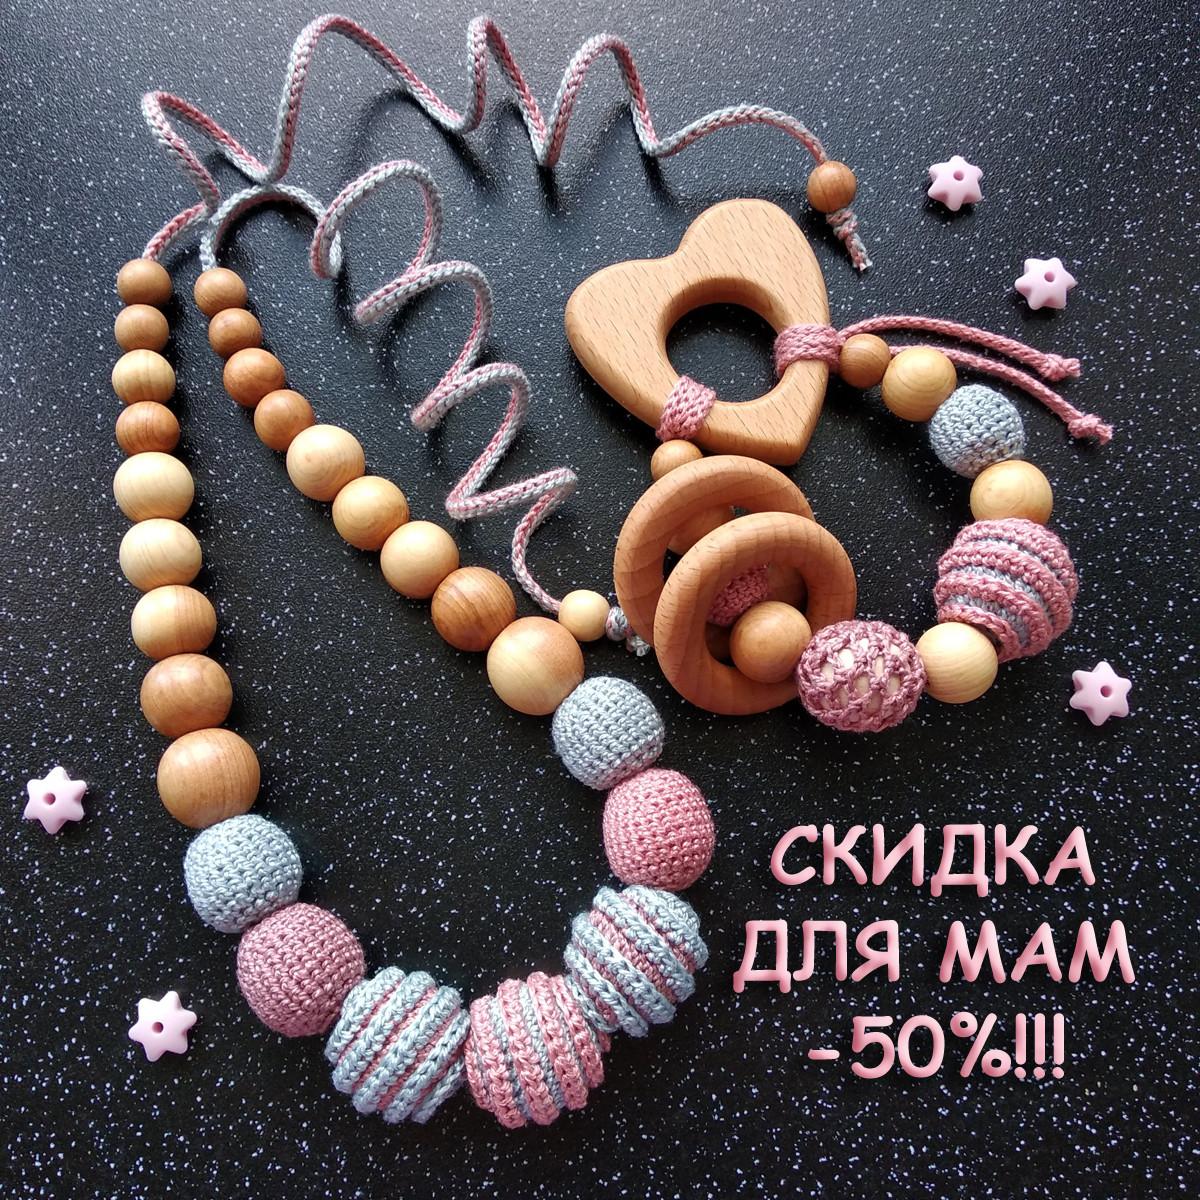 10 мая 2020 СКИДКА для мам -50%!